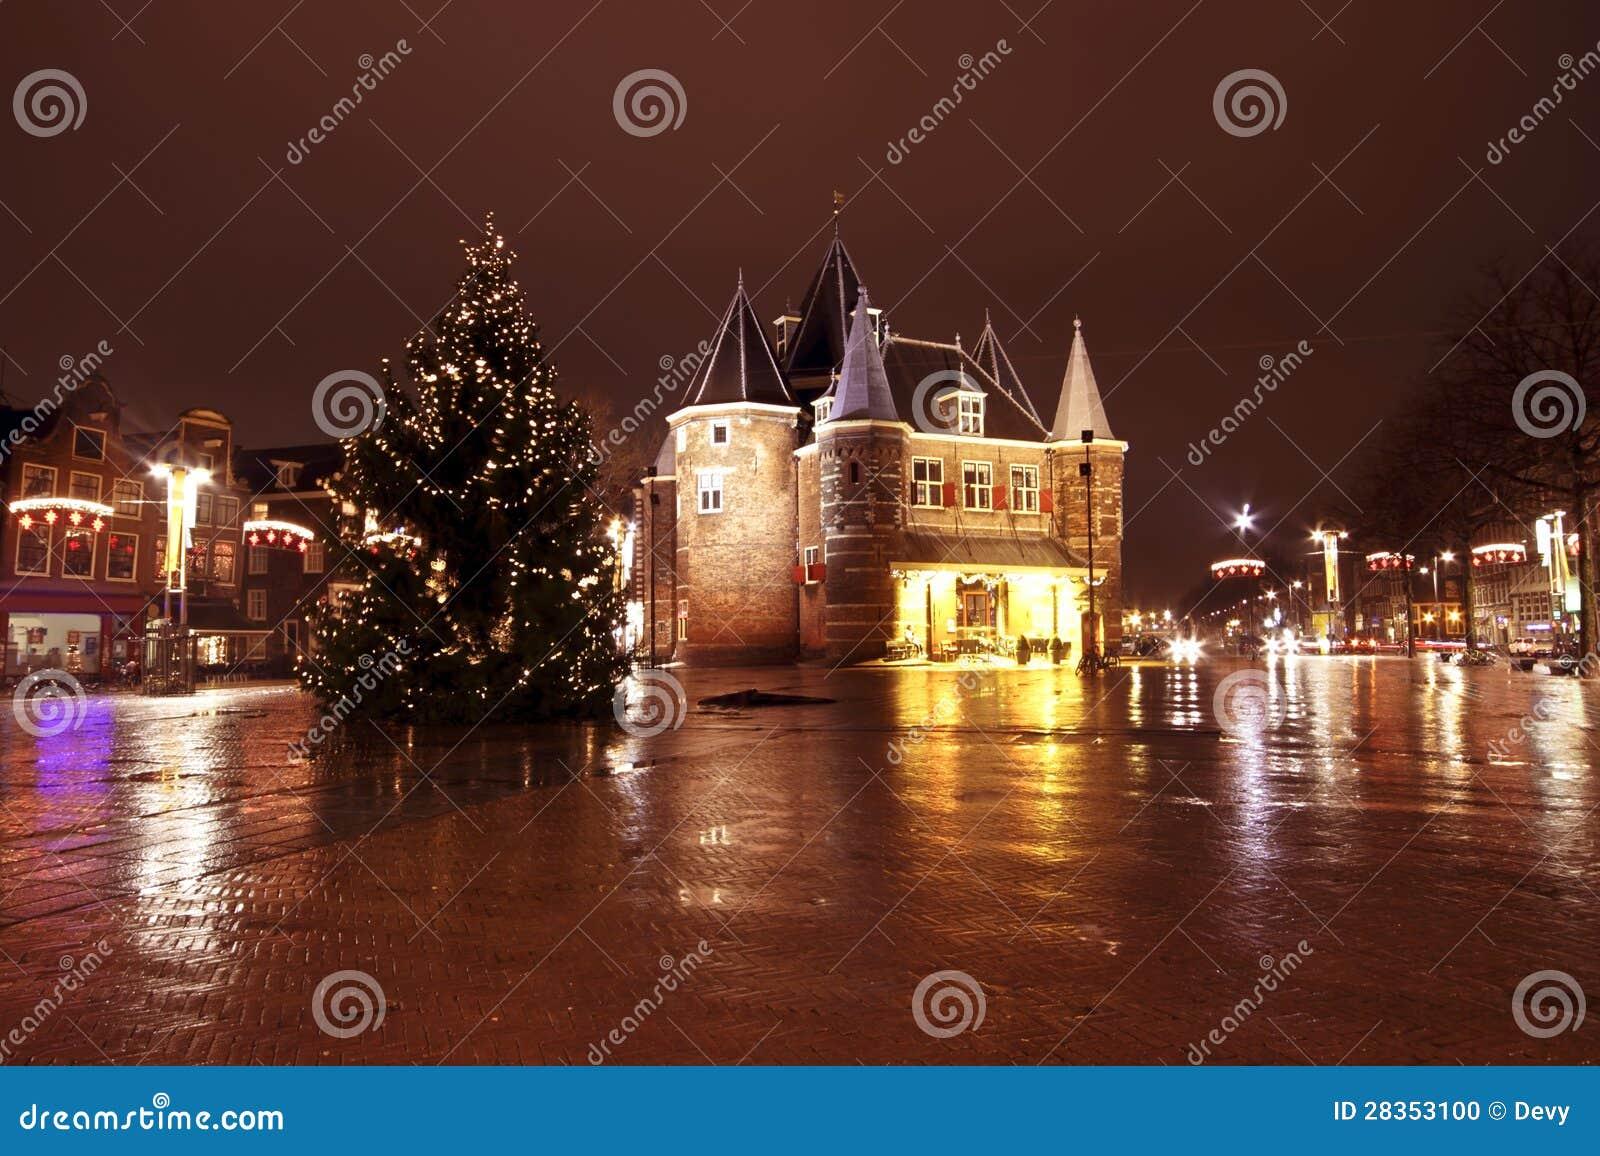 weihnachten in amsterdam beim nieuwmarkt in den niederlanden durch n stockfoto bild von stadt. Black Bedroom Furniture Sets. Home Design Ideas